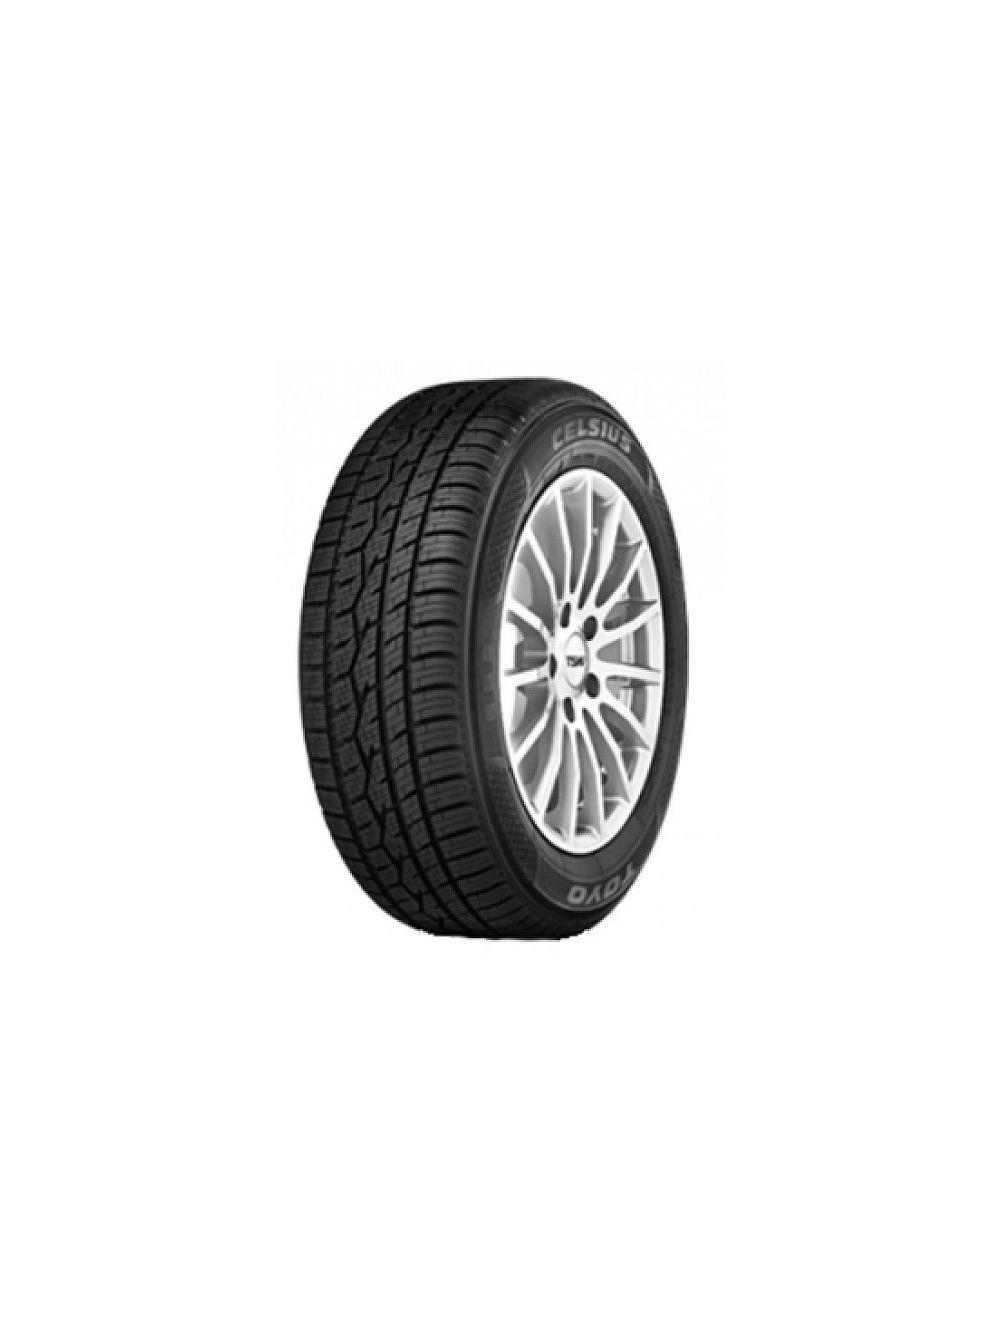 Toyo 145/65R15 T Celsius Négyévszakos gumi